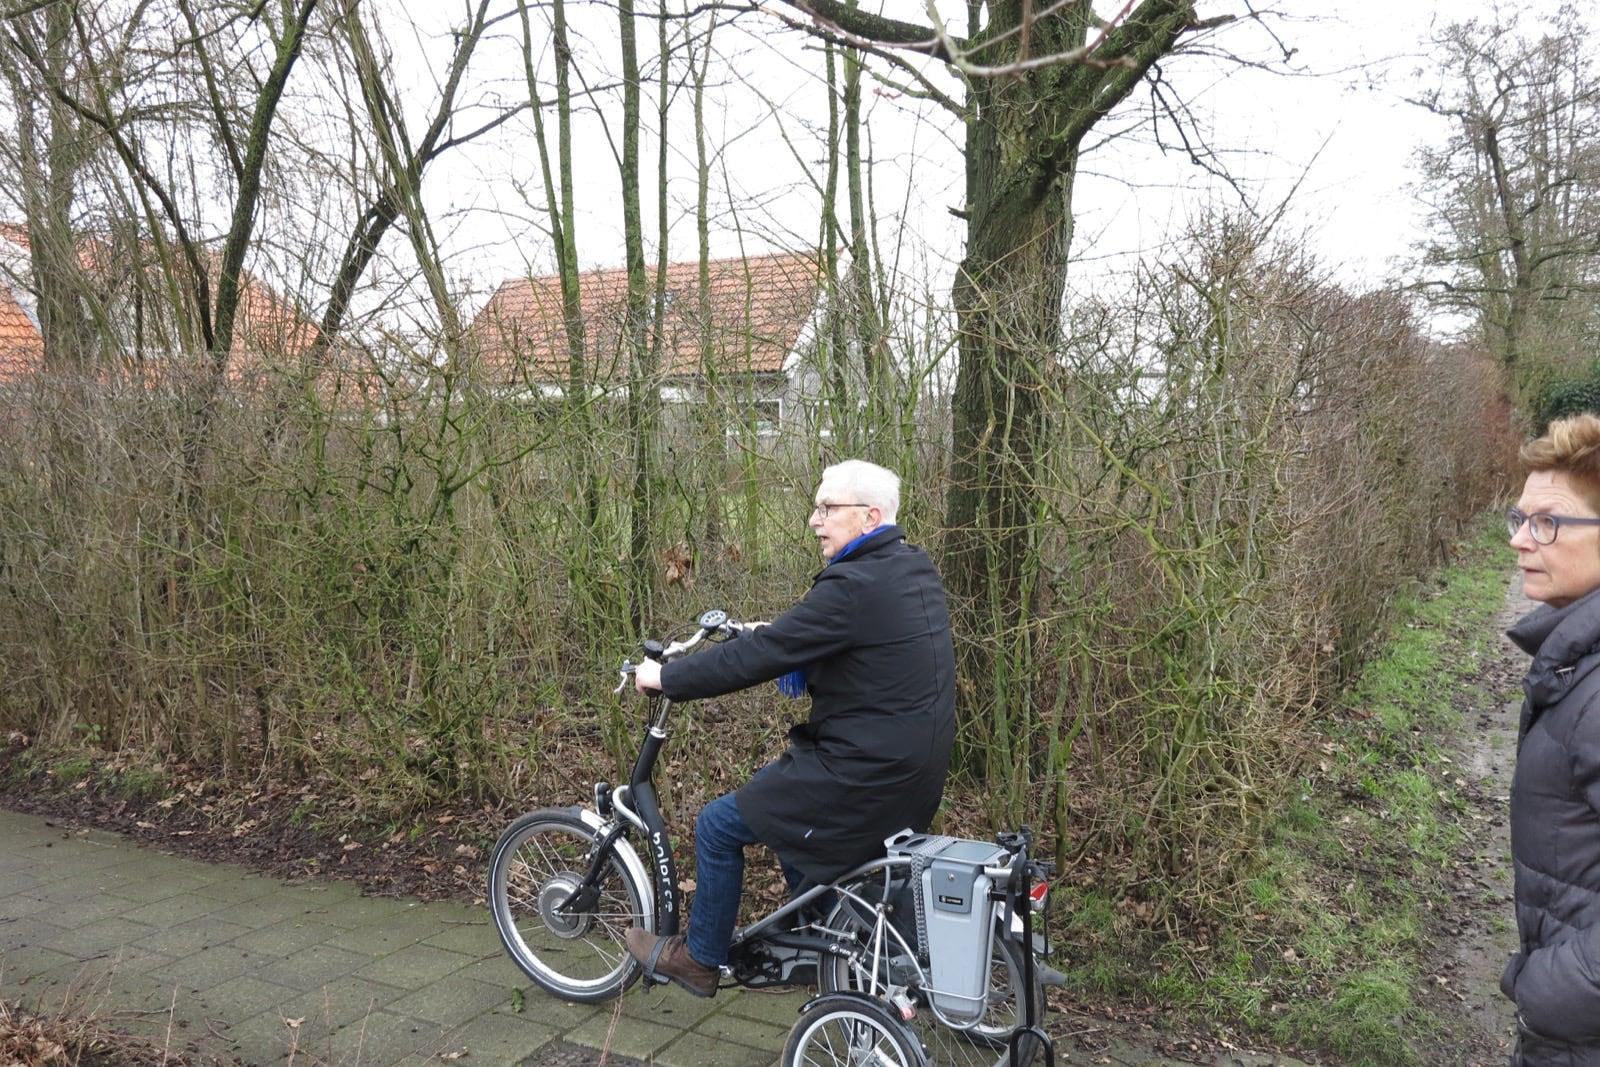 et-fiets-en-fietser-16-piet-van-der-heide-oi.jpg